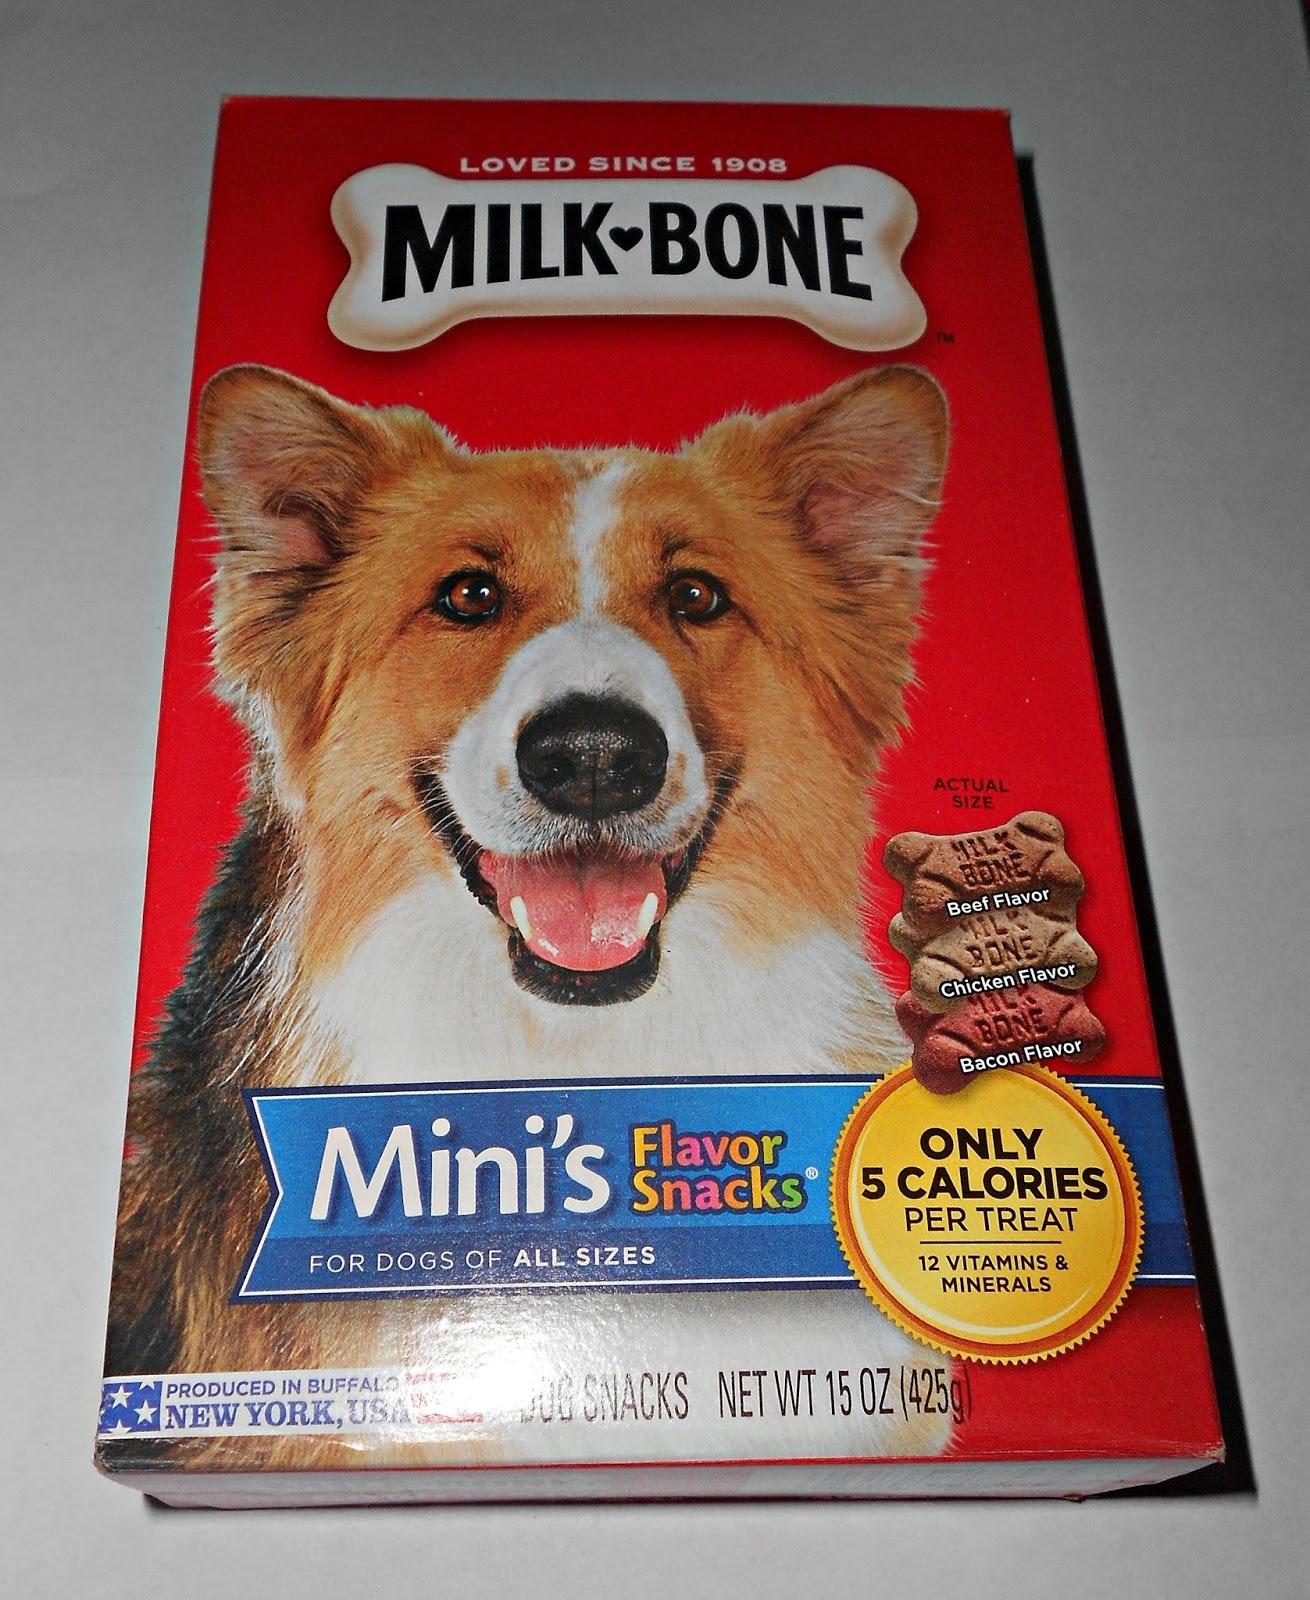 My Dog Ate Half A Bag Of Dog Food